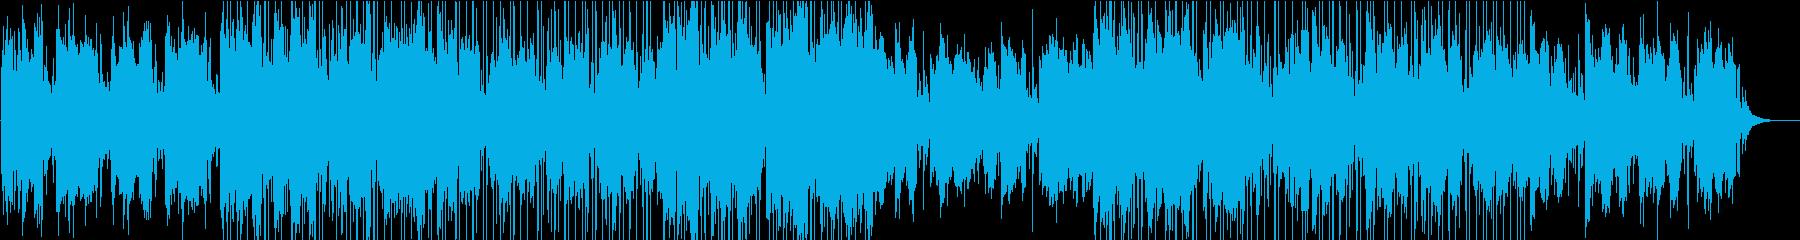 空撮の映像などに合う重厚でクールなBGMの再生済みの波形